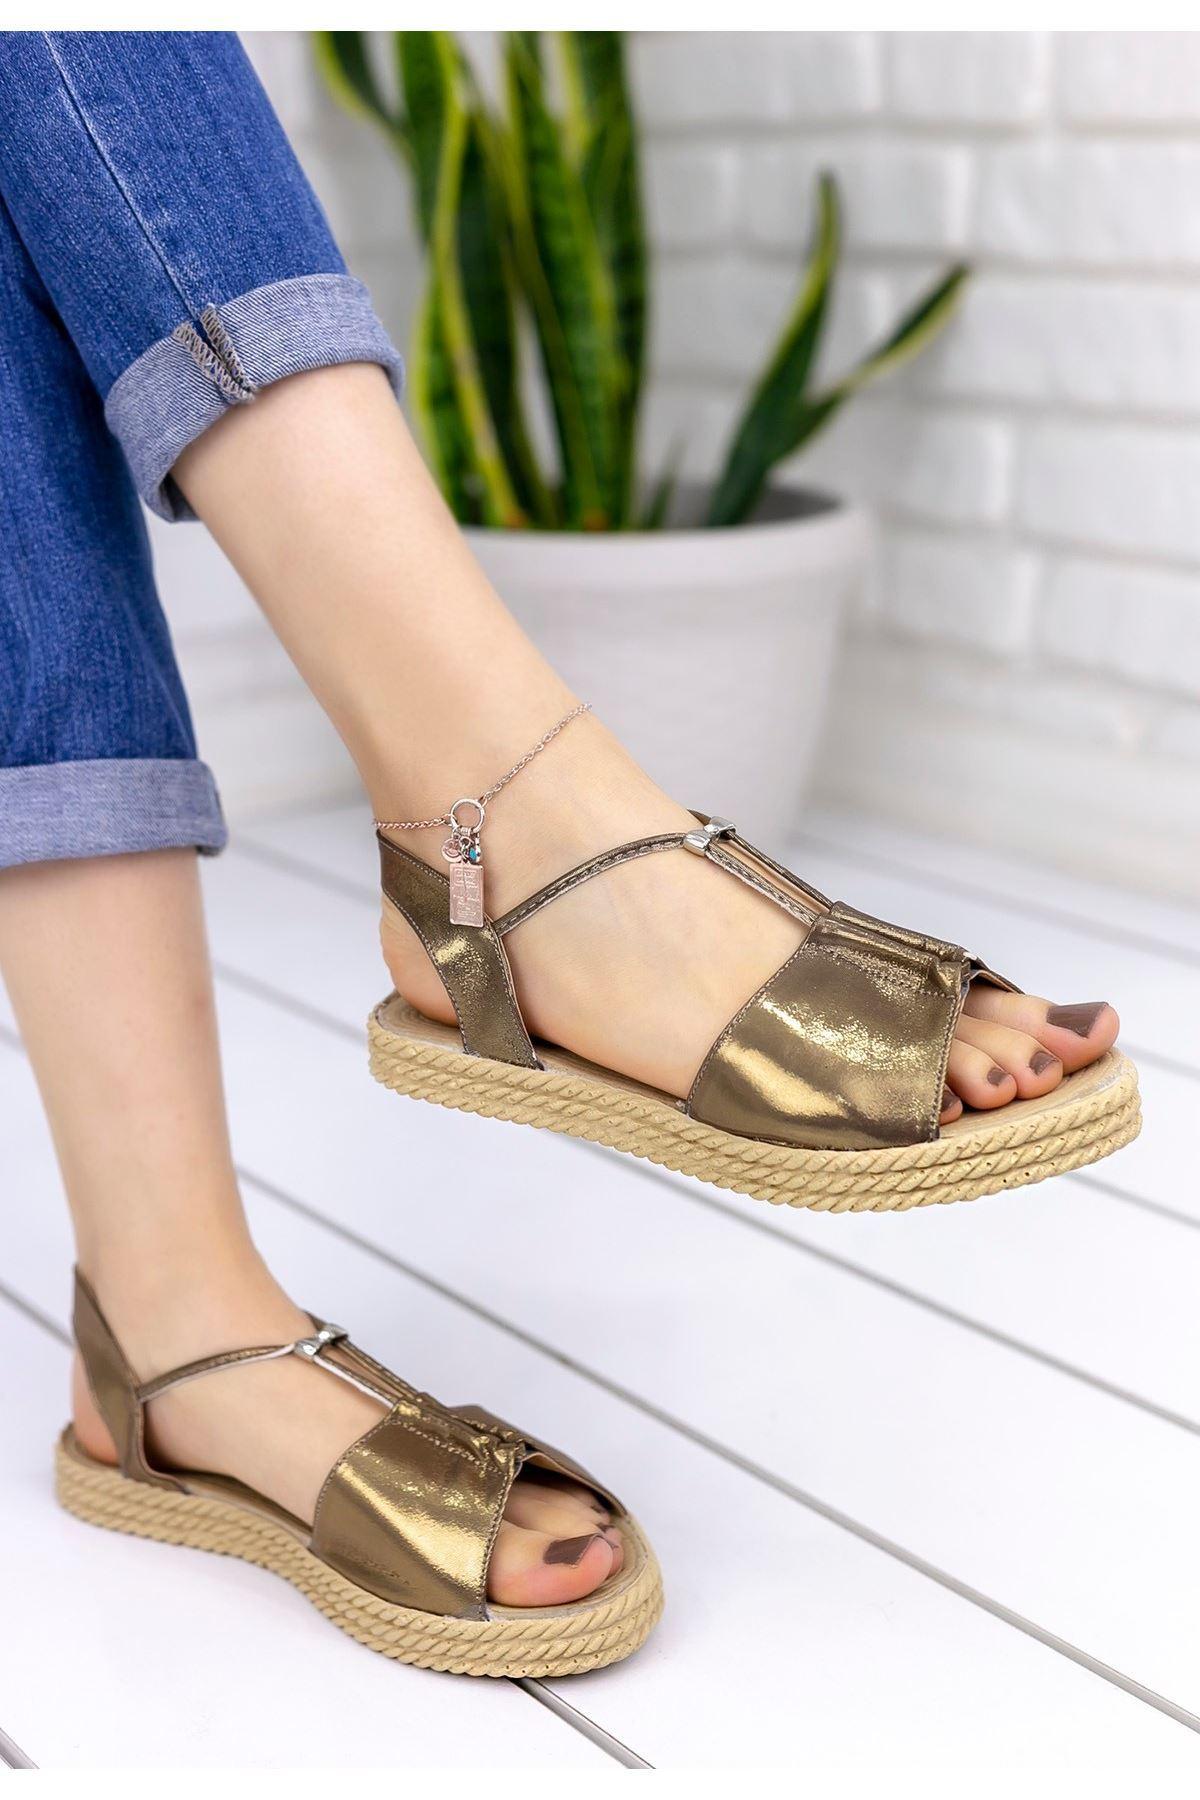 Emily Bakır Sandalet